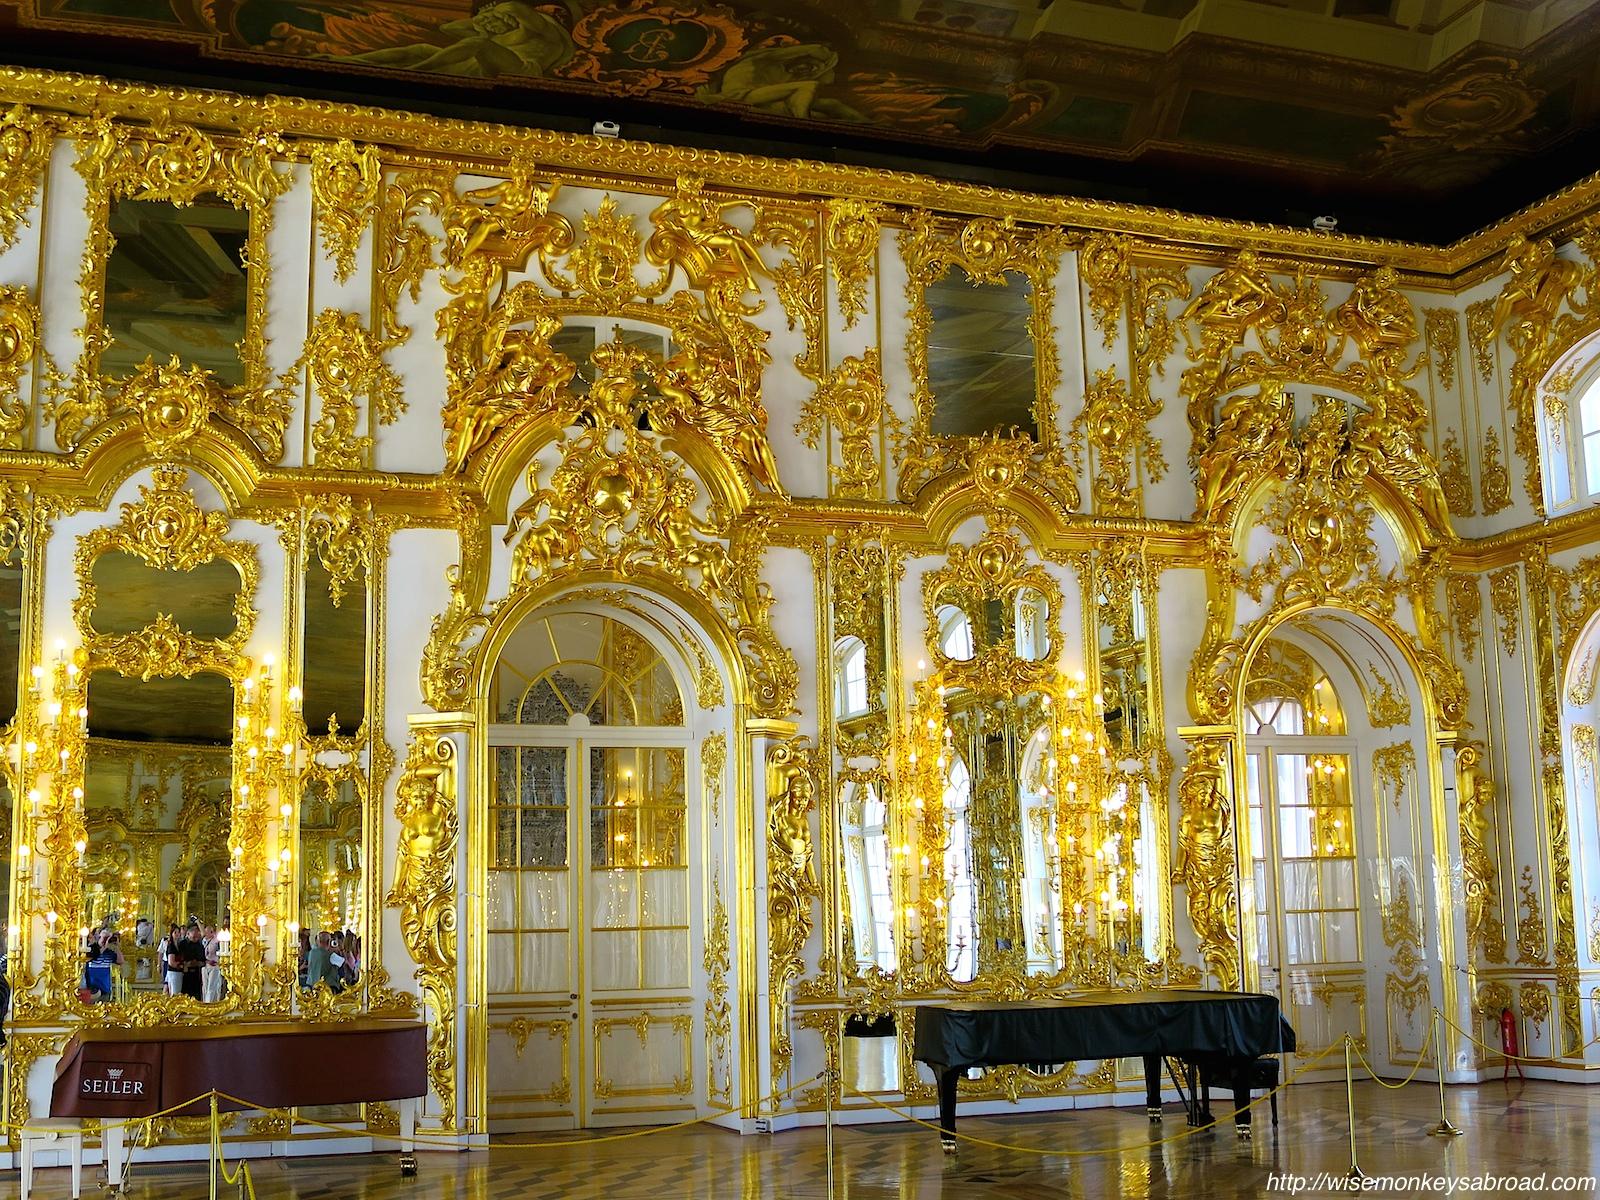 Peterhof Palace Wise Monkeys Abroad